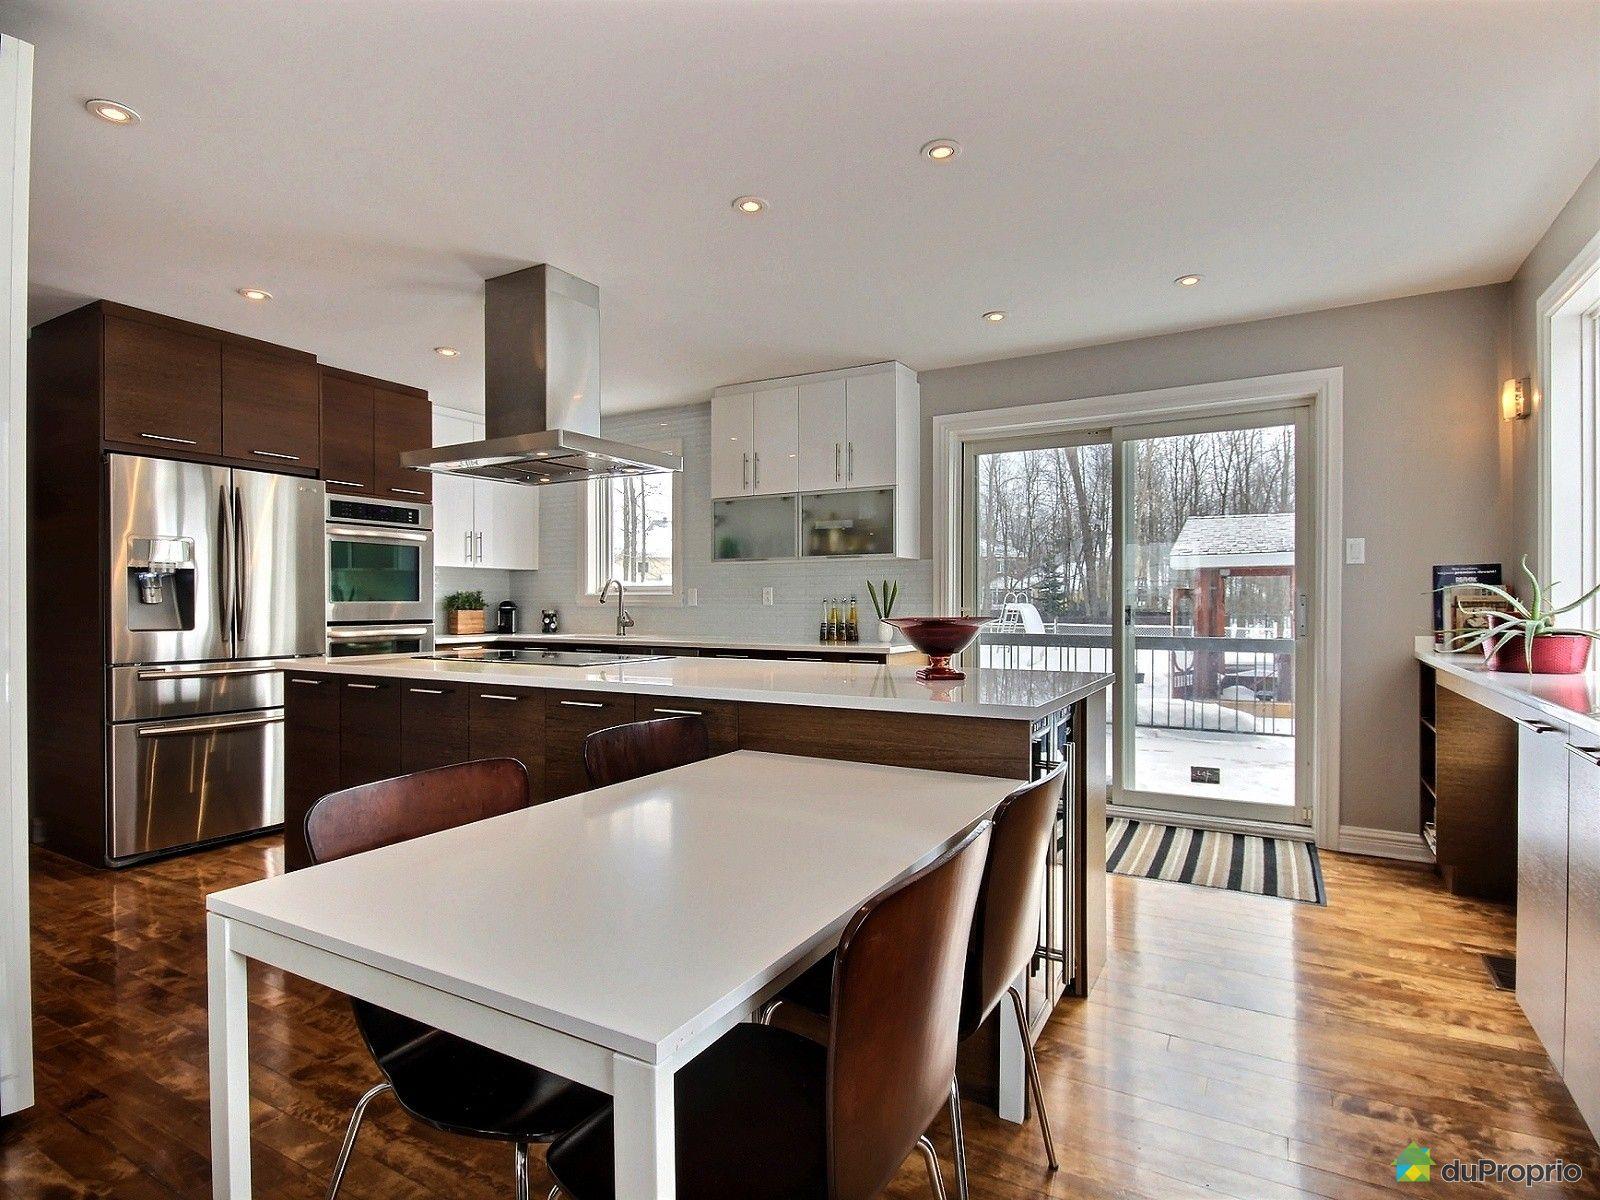 maison vendu st jean sur richelieu immobilier qu bec duproprio 589496. Black Bedroom Furniture Sets. Home Design Ideas